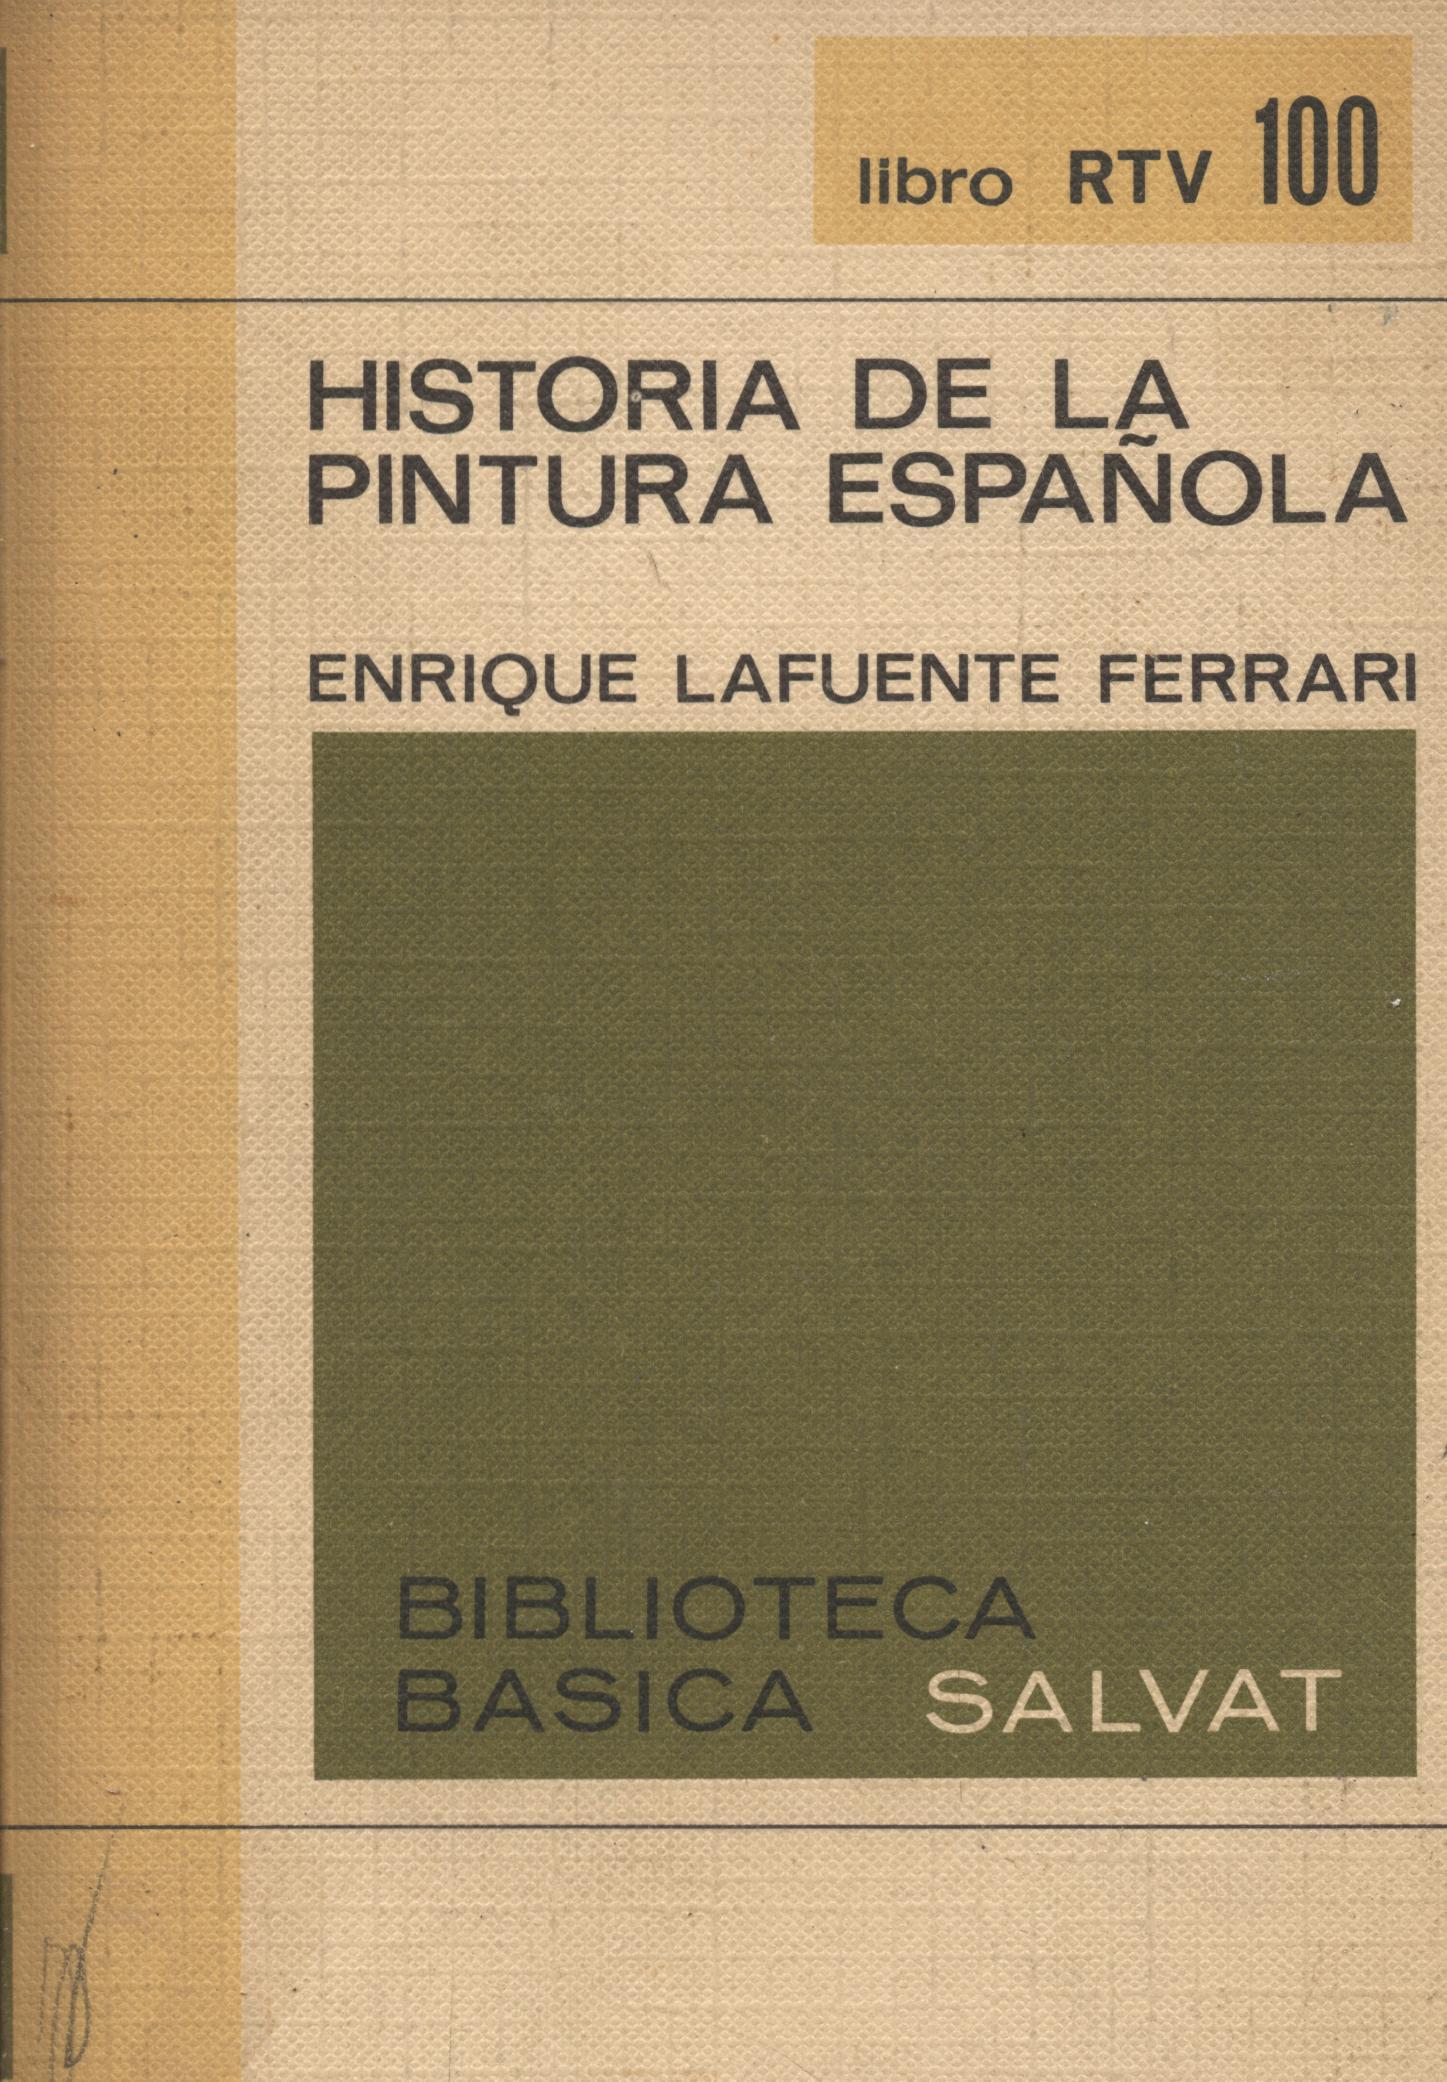 Historia de la pintura española - Enrique Lafuente